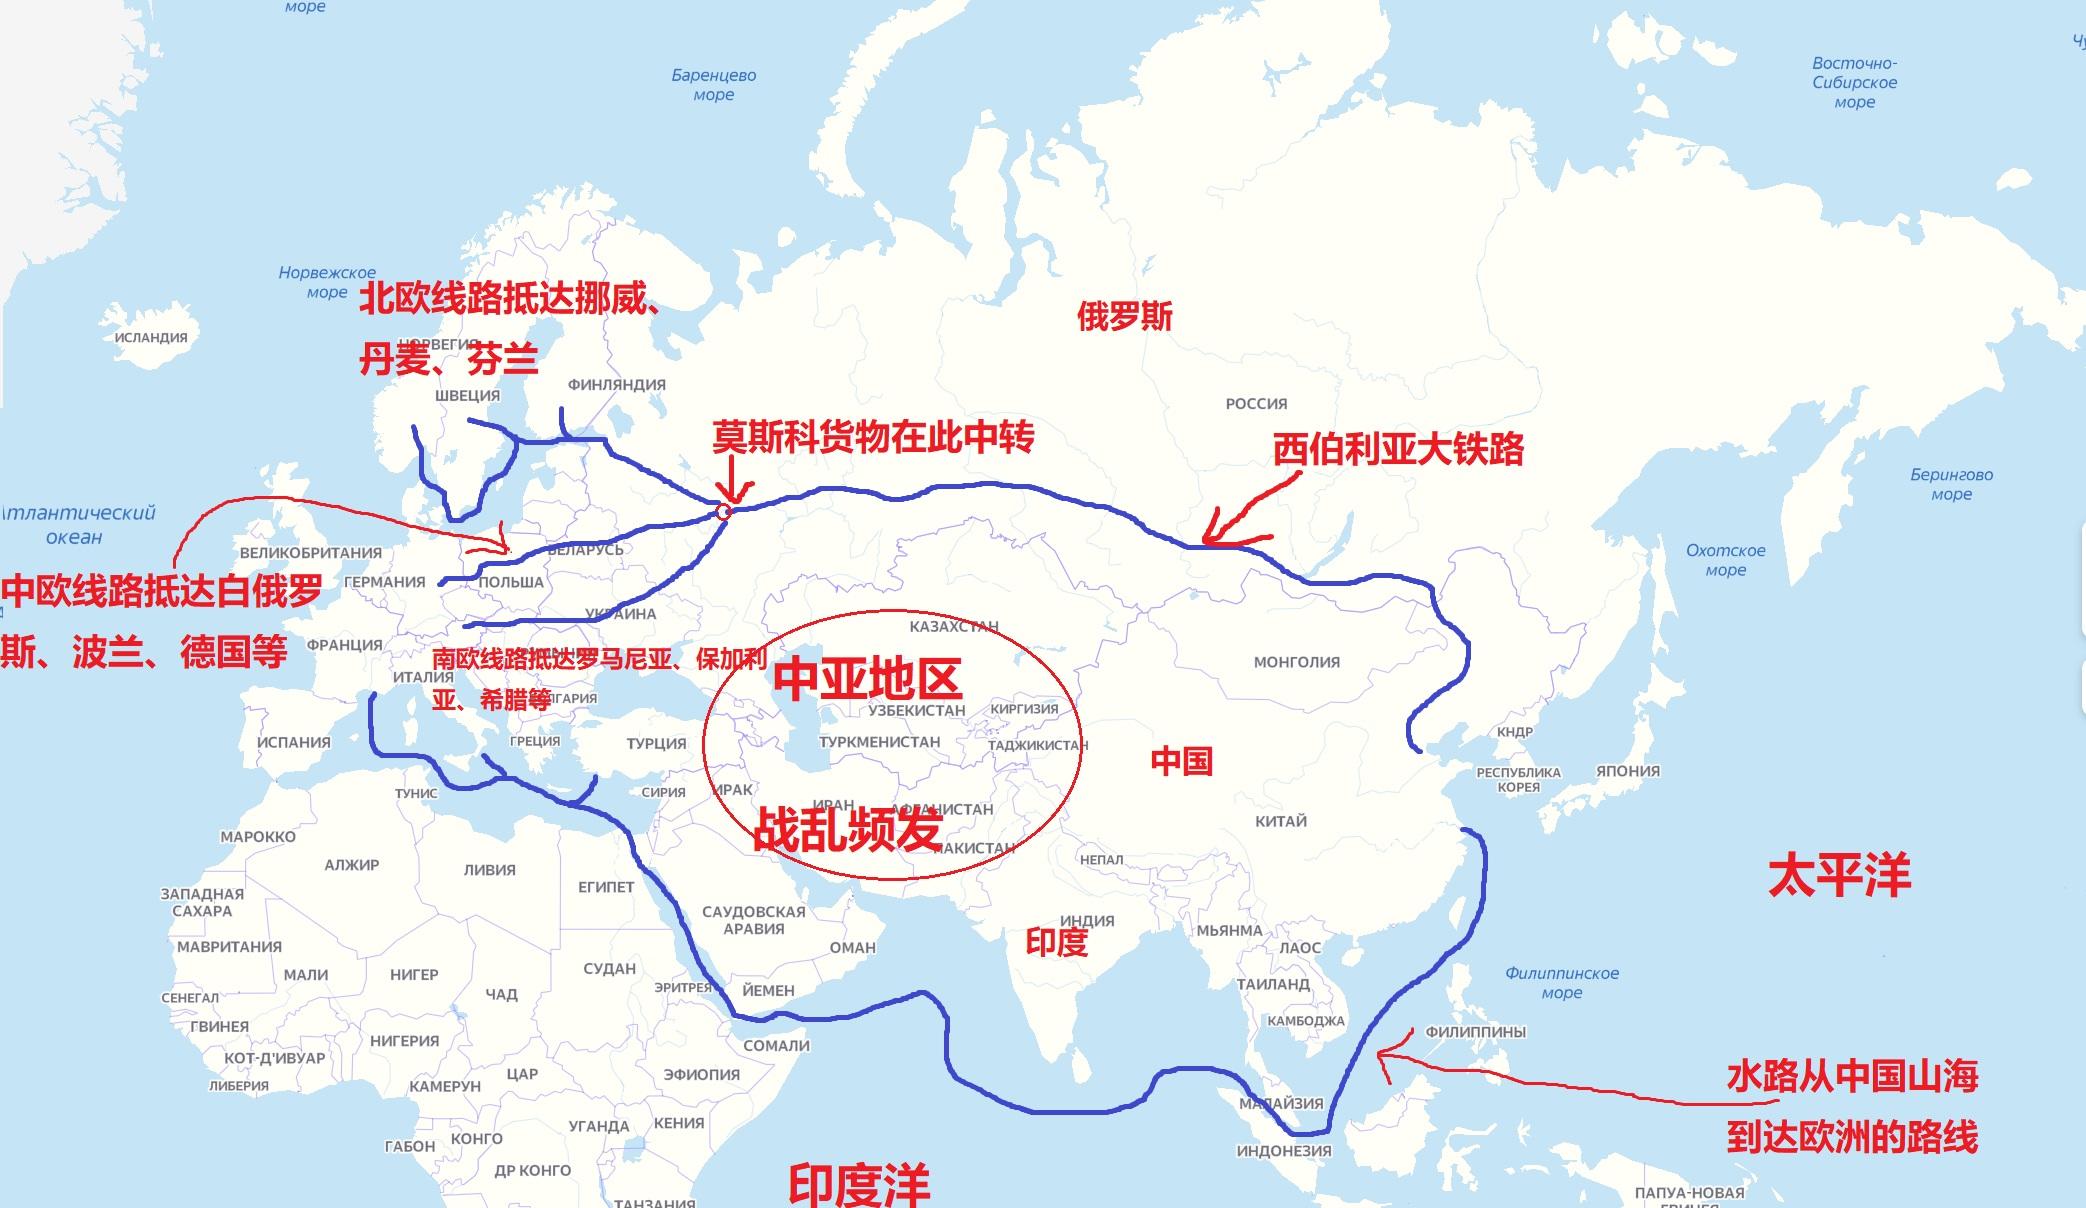 目前比较主流的从亚洲到欧洲的航运线路,由于中亚地区国家多、地形乱,而巴基斯坦的瓜达尔港运力还没有提升,所以上图两条路线依然是最重要的两条路线